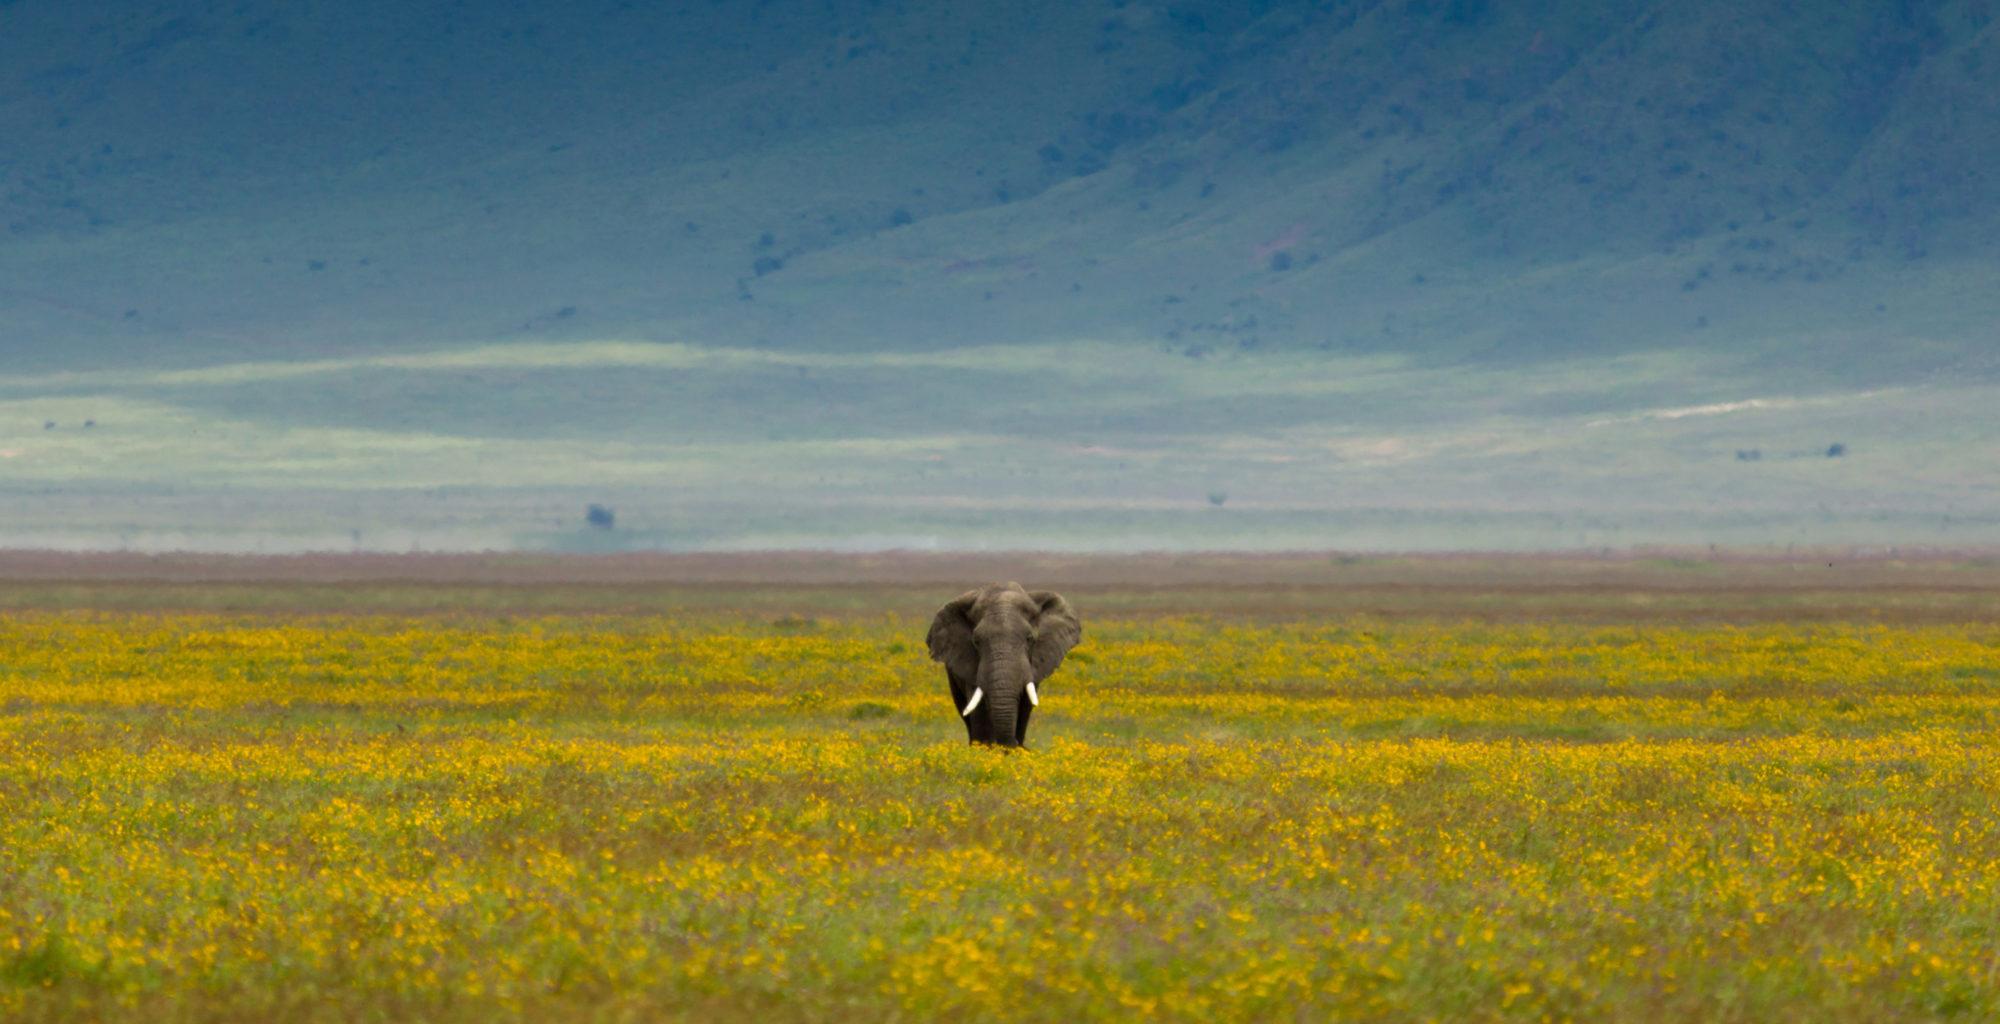 Tanzania-Ngorongoro-Crater-Elephant